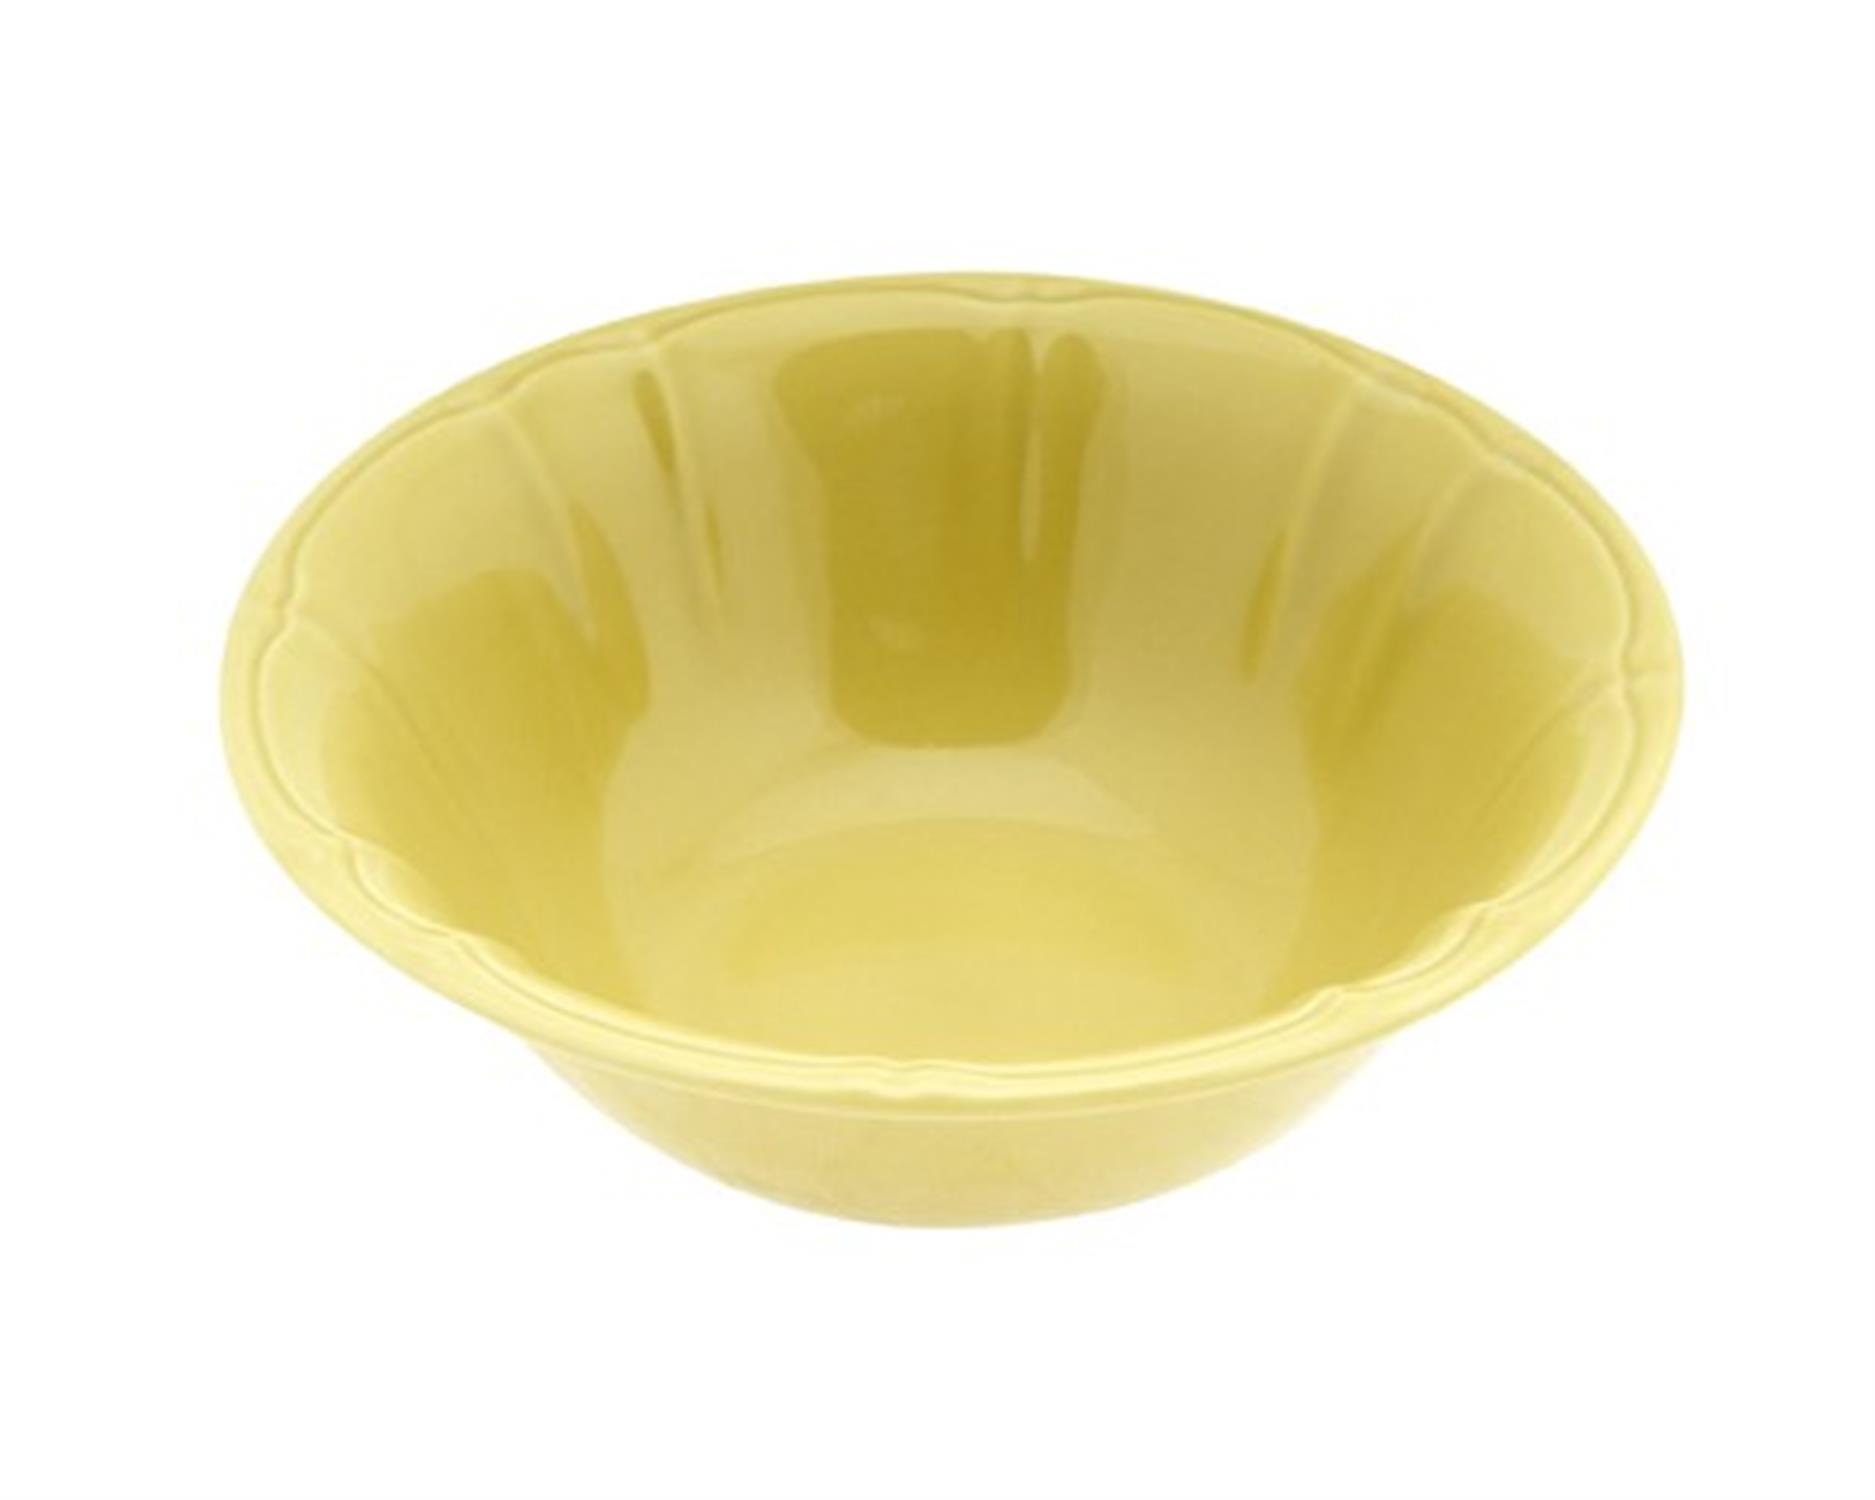 Σαλατιέρα stoneware κίτρινη 23cm Venus 89573